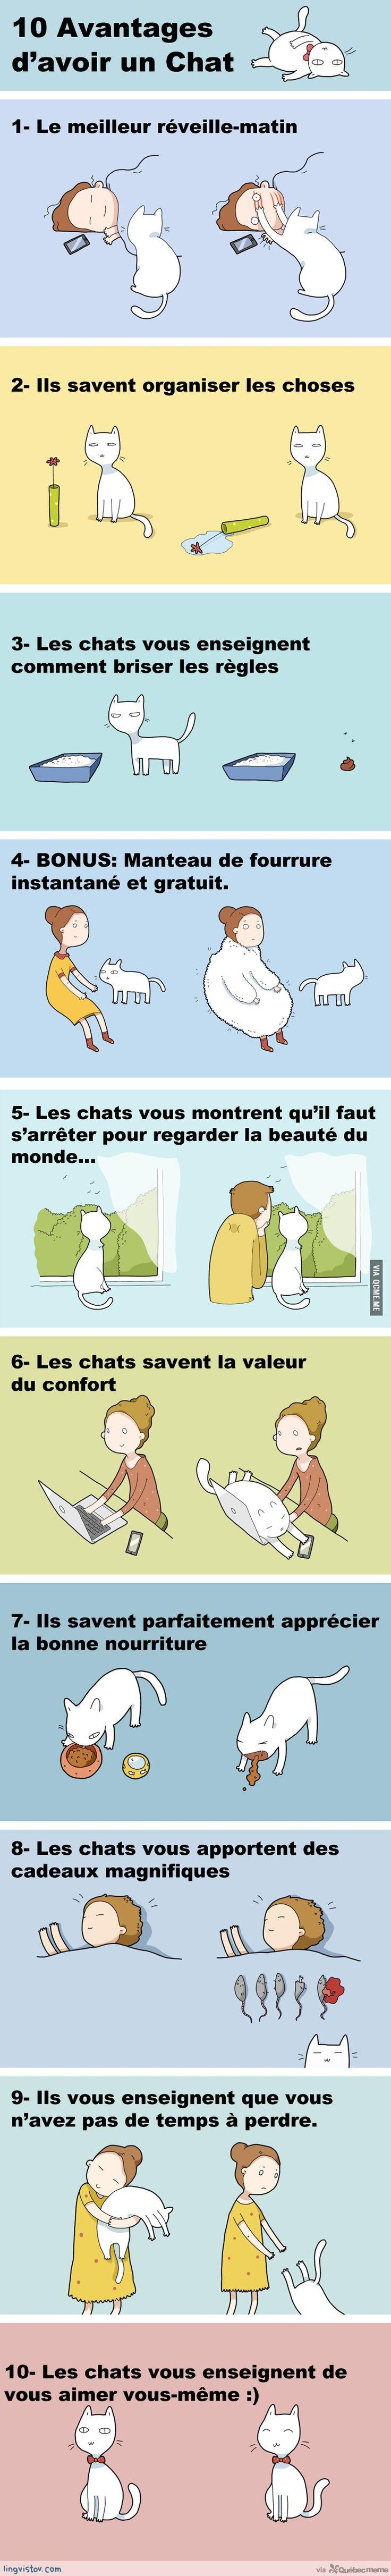 10 Avantages d'avoir un Chat – Québec Meme +